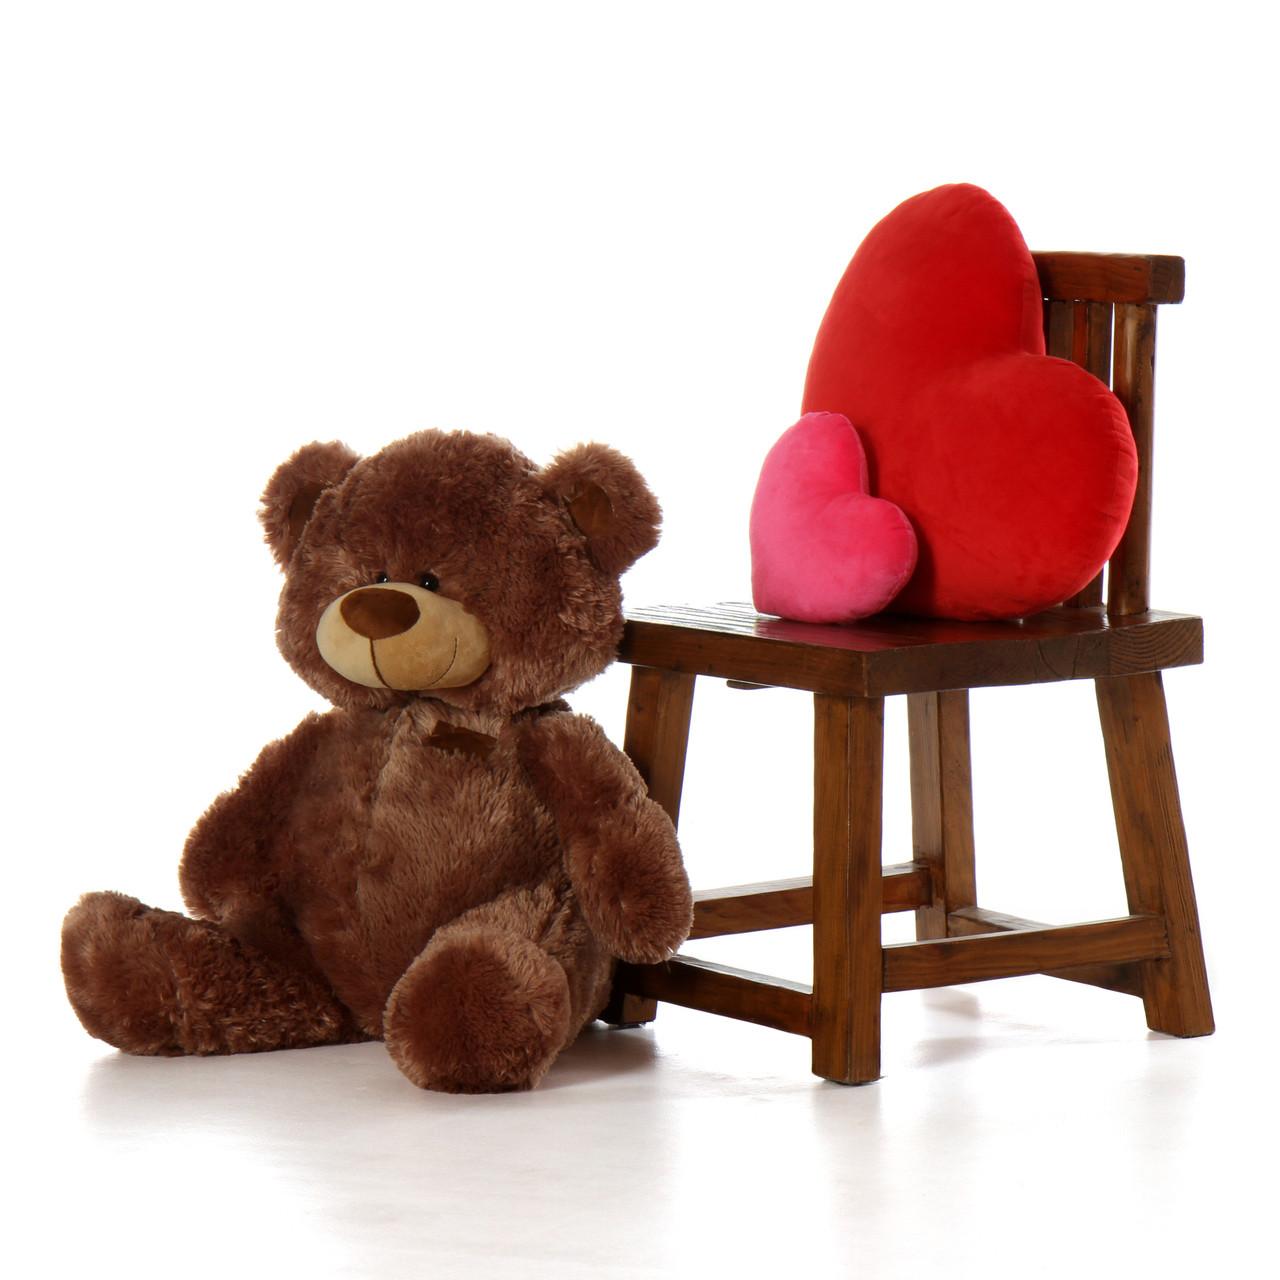 Super Soft Sitting Position Brown Big Teddy Bear with Floppy Head